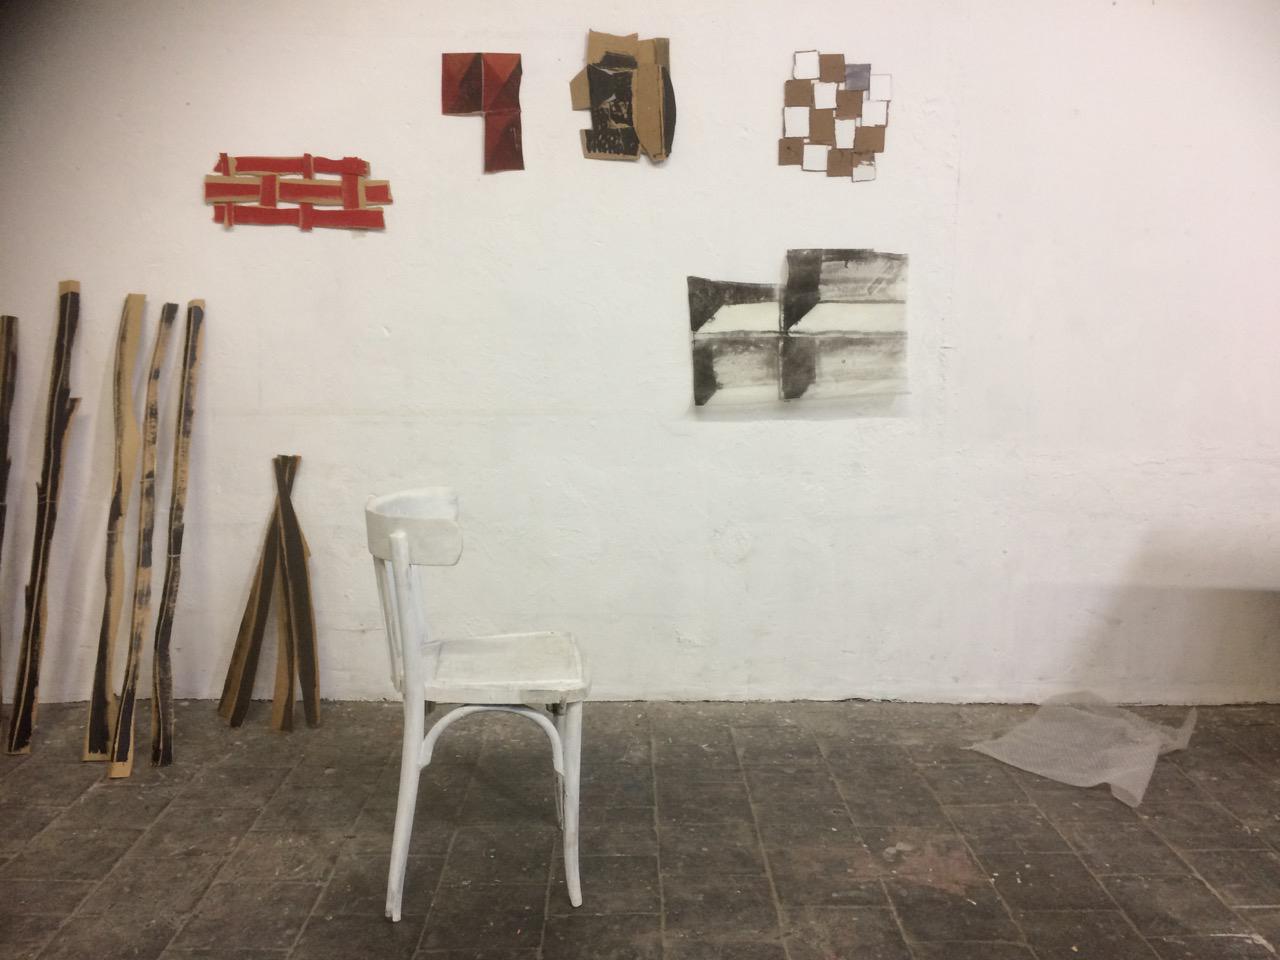 ATELIER n° 46-ATELIER IMAGES ACTES LIES-JLAUBE-vued'atelier